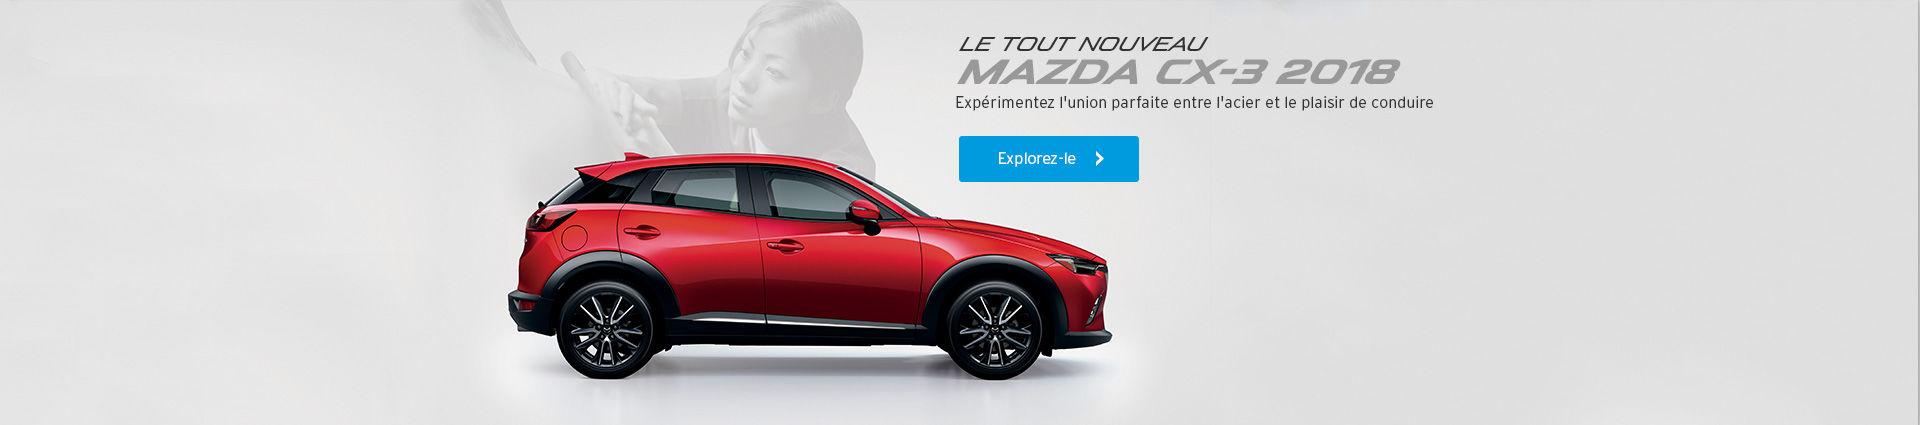 Mazda CX3 - FR